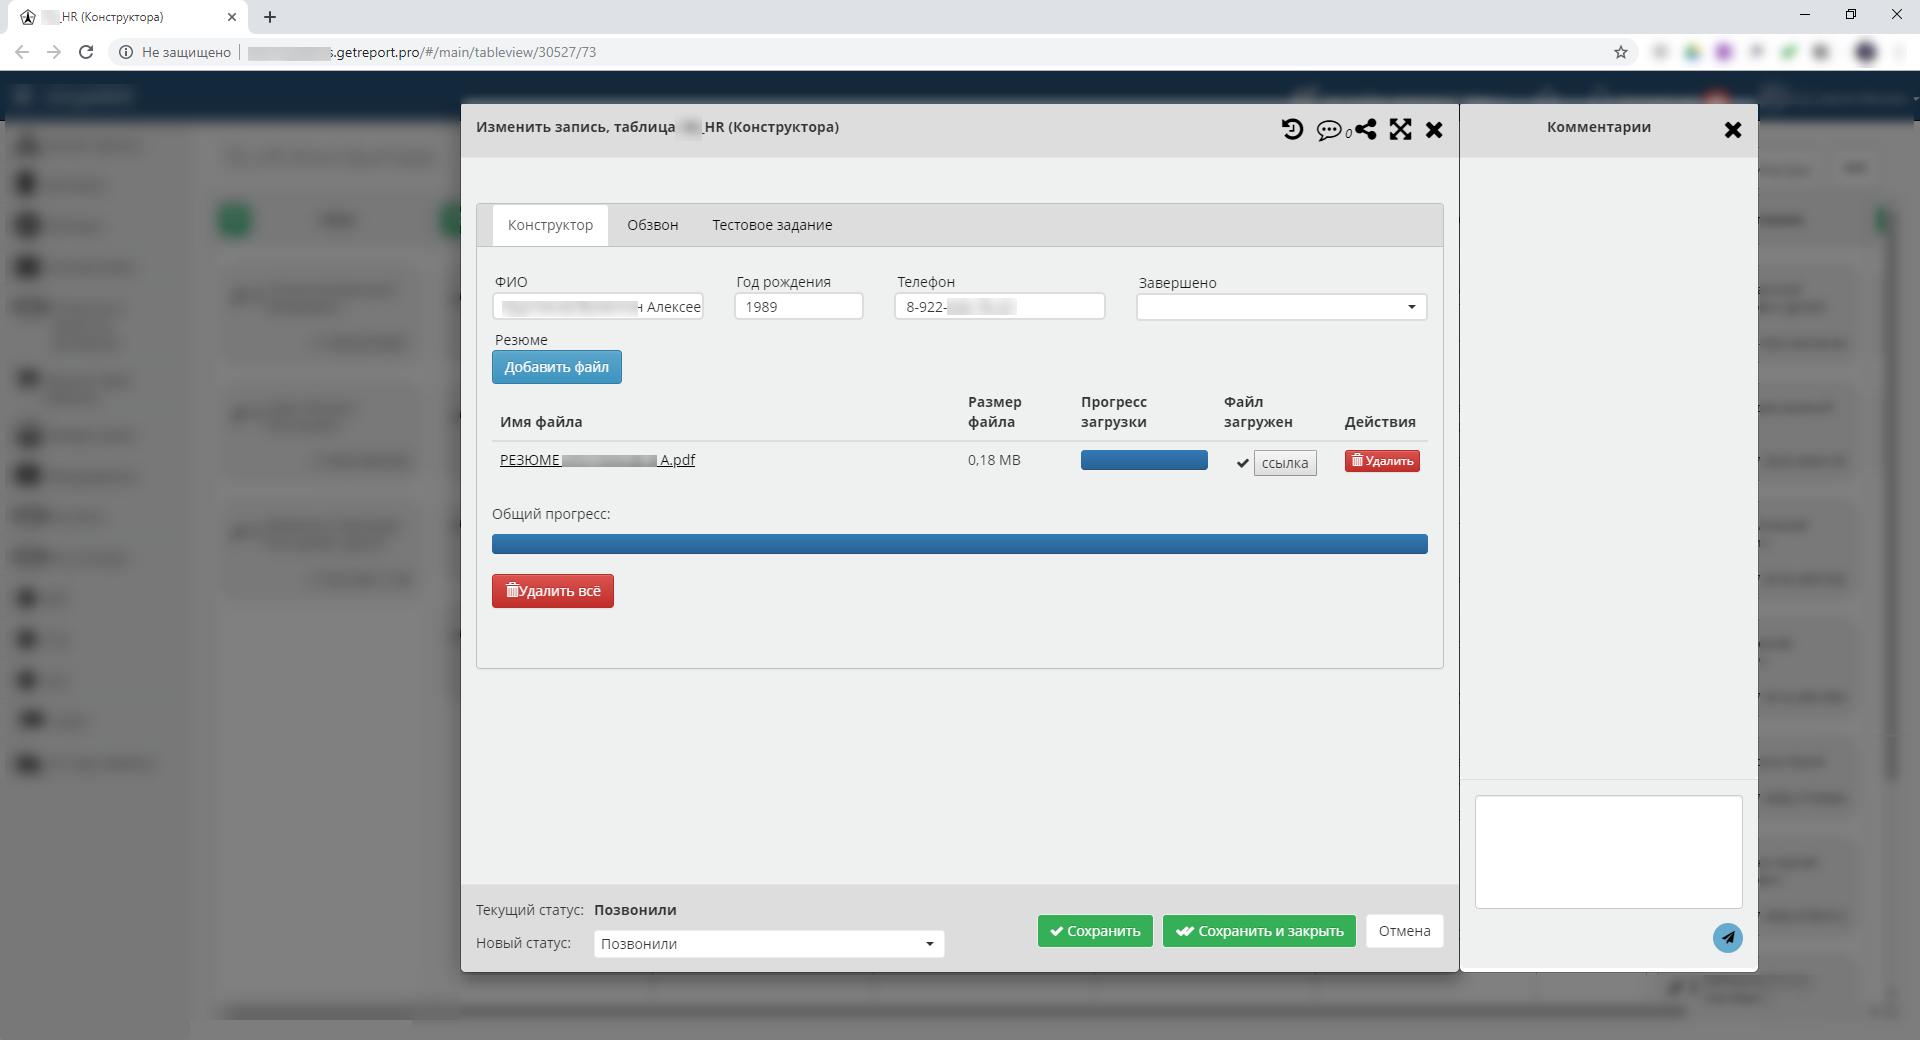 Внедрение в компании системы поиска конструкторов-механиков с помощью Low-Code платформы - 2